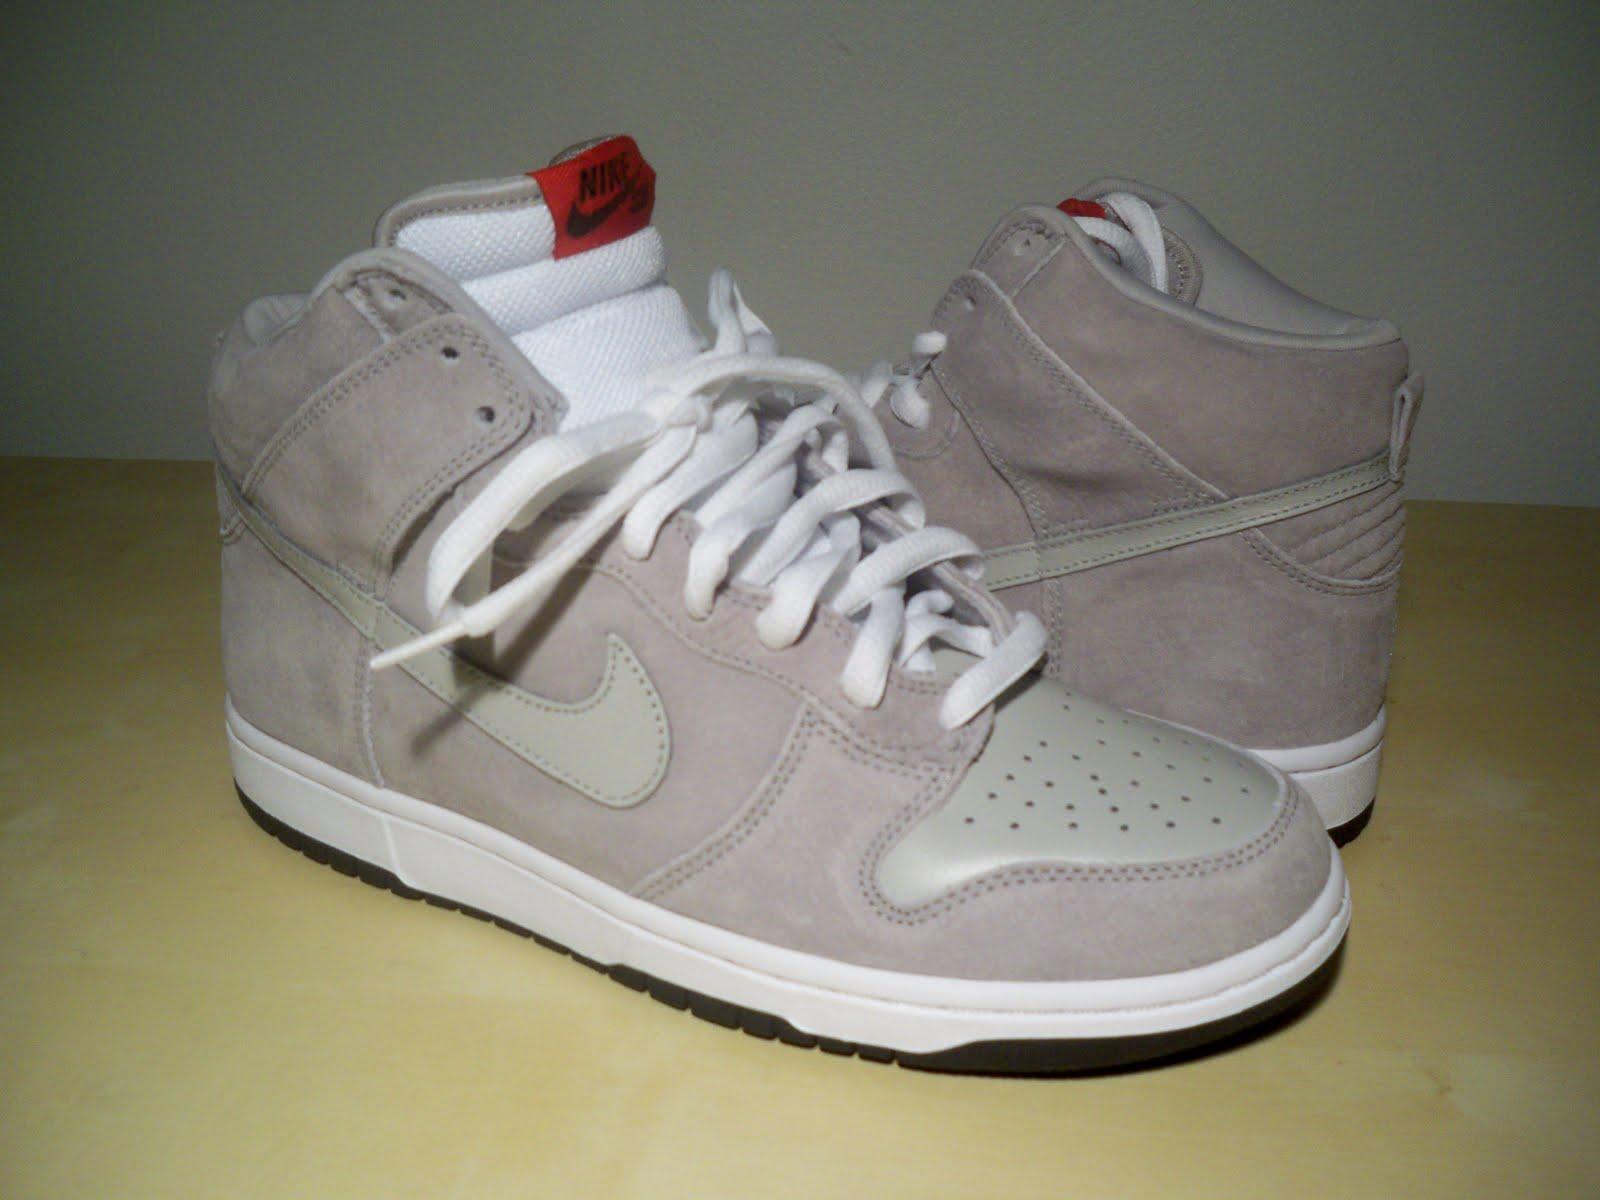 huge selection of 9dc08 af3e6 SB Collection: Nike Dunk High Pro SB